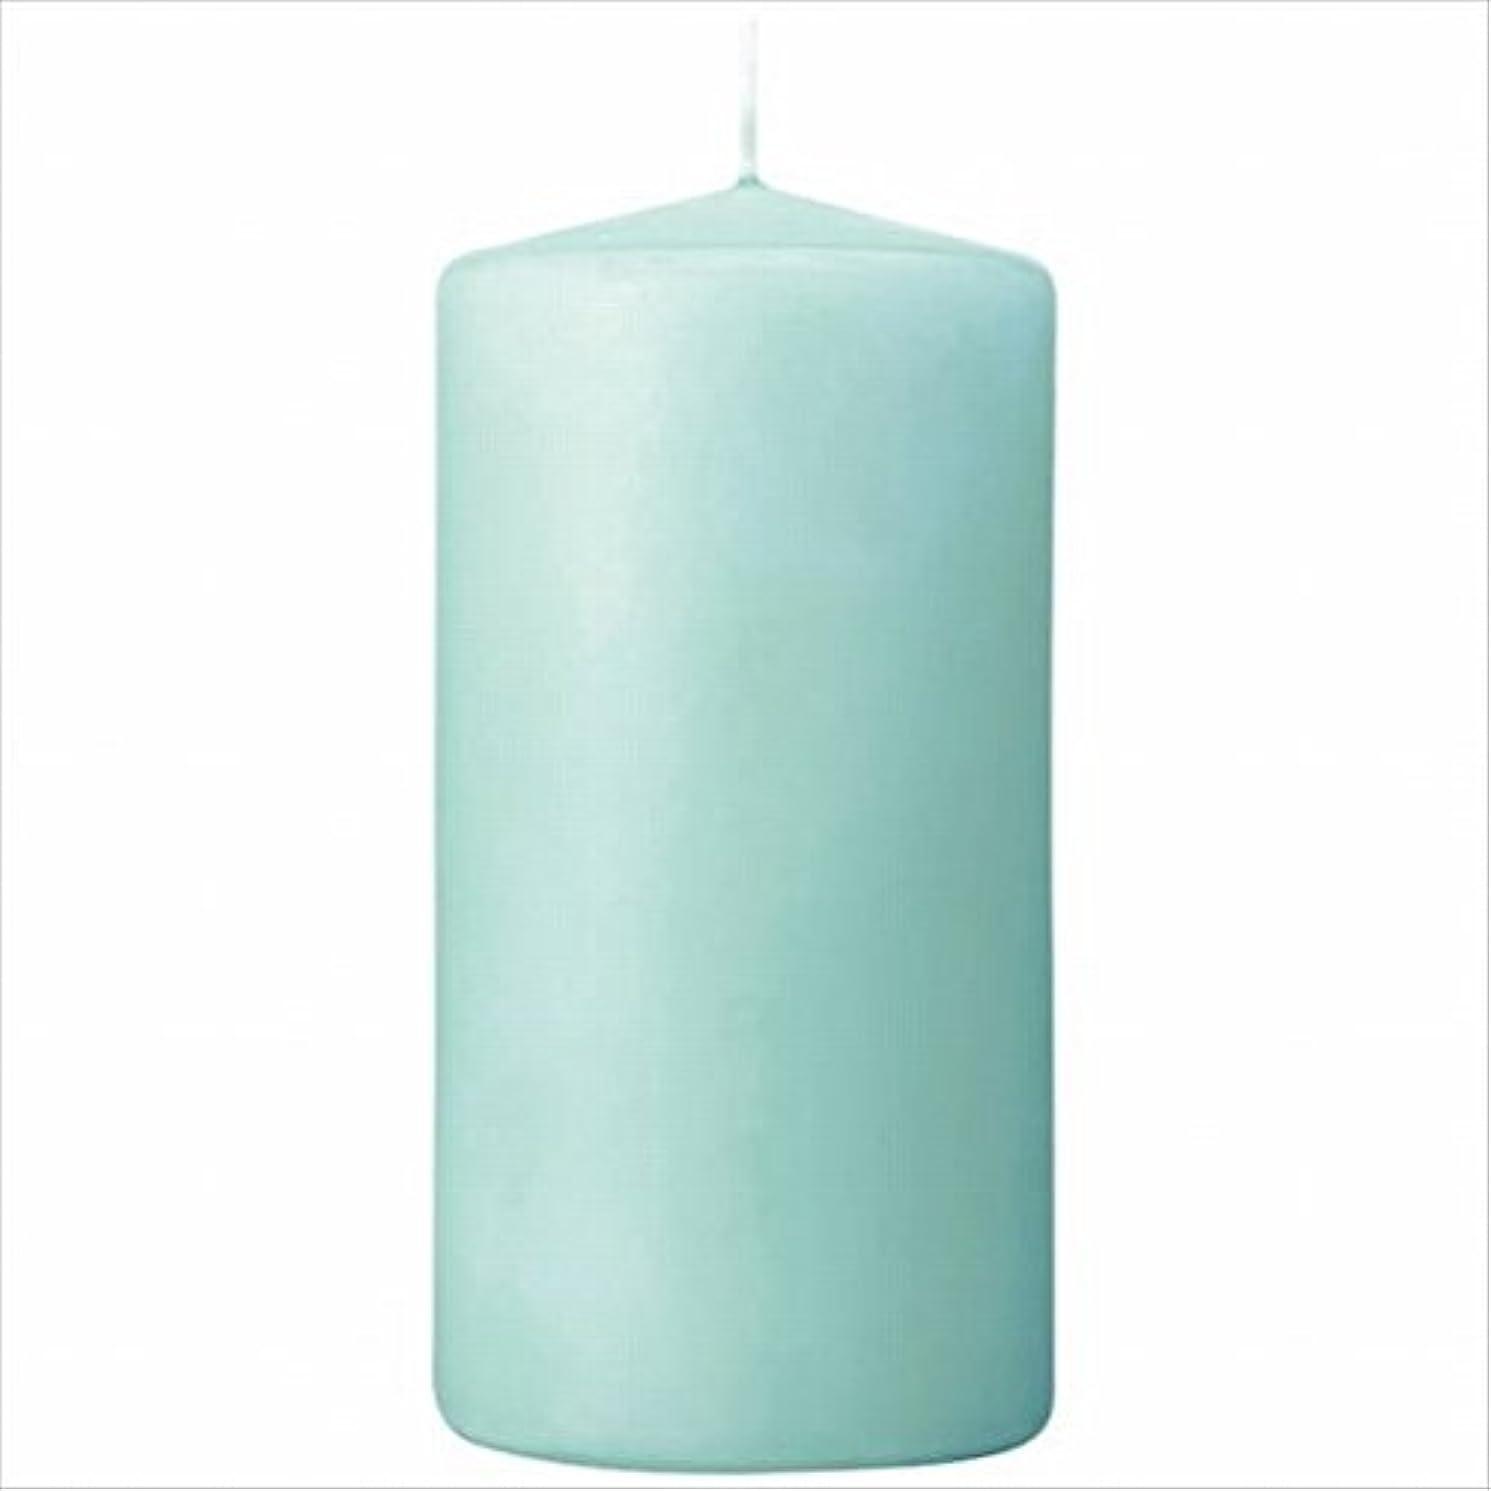 リーンおいしい癒すカメヤマキャンドル(kameyama candle) 3×6ベルトップピラーキャンドル 「 ライトブルー 」